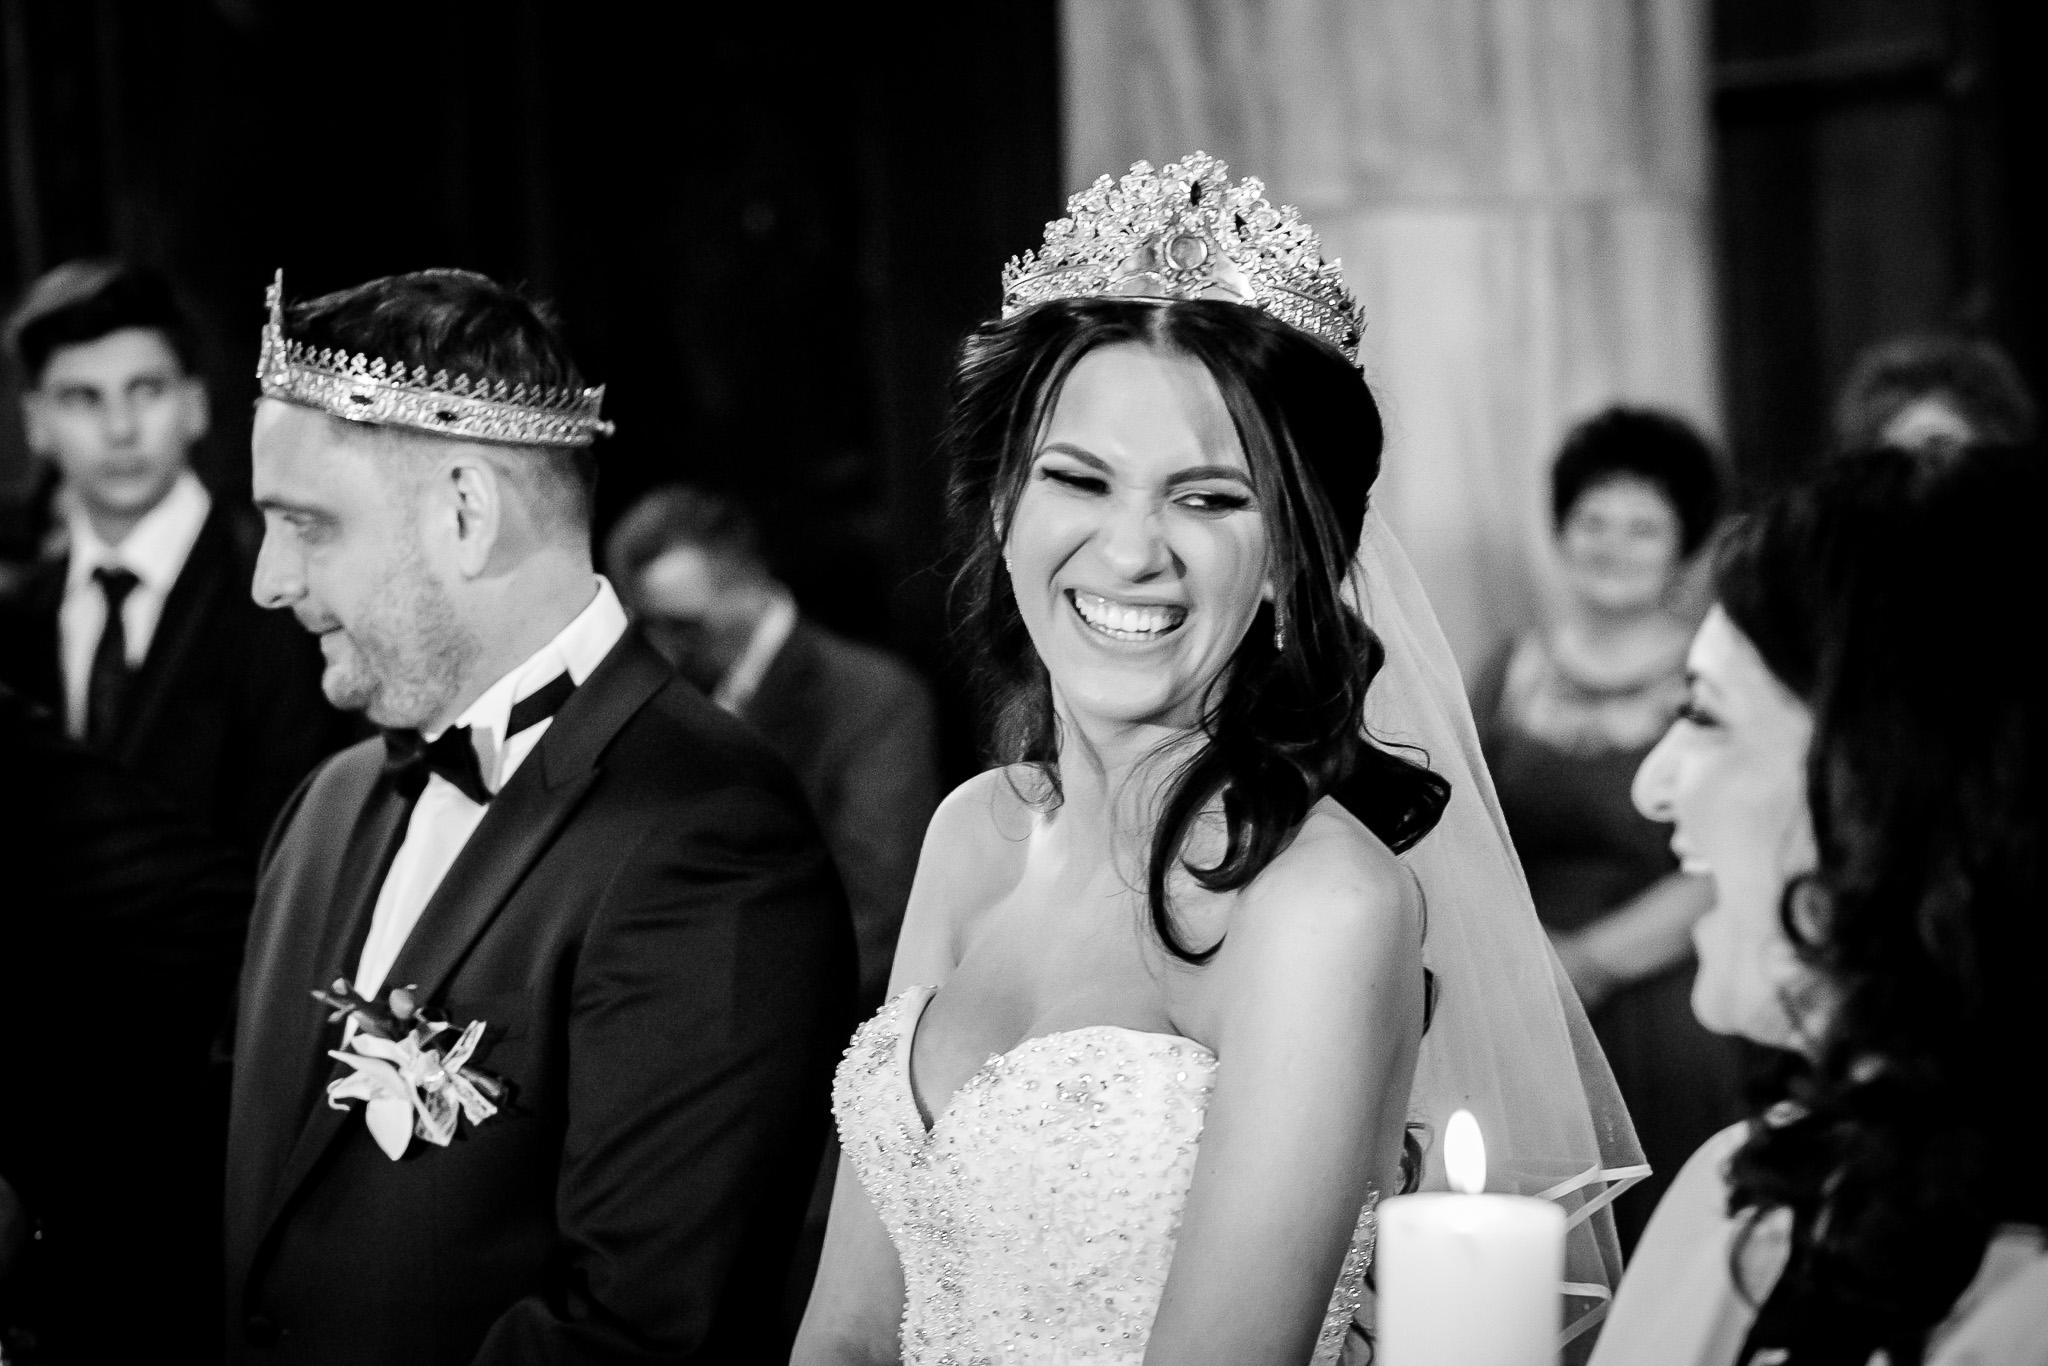 Larisa si Bogdan Nuntă la Pleiada fotograf profesionist nunta Iasi www.paulpadurariu.ro © 2018 Paul Padurariu cununia religioasa 6